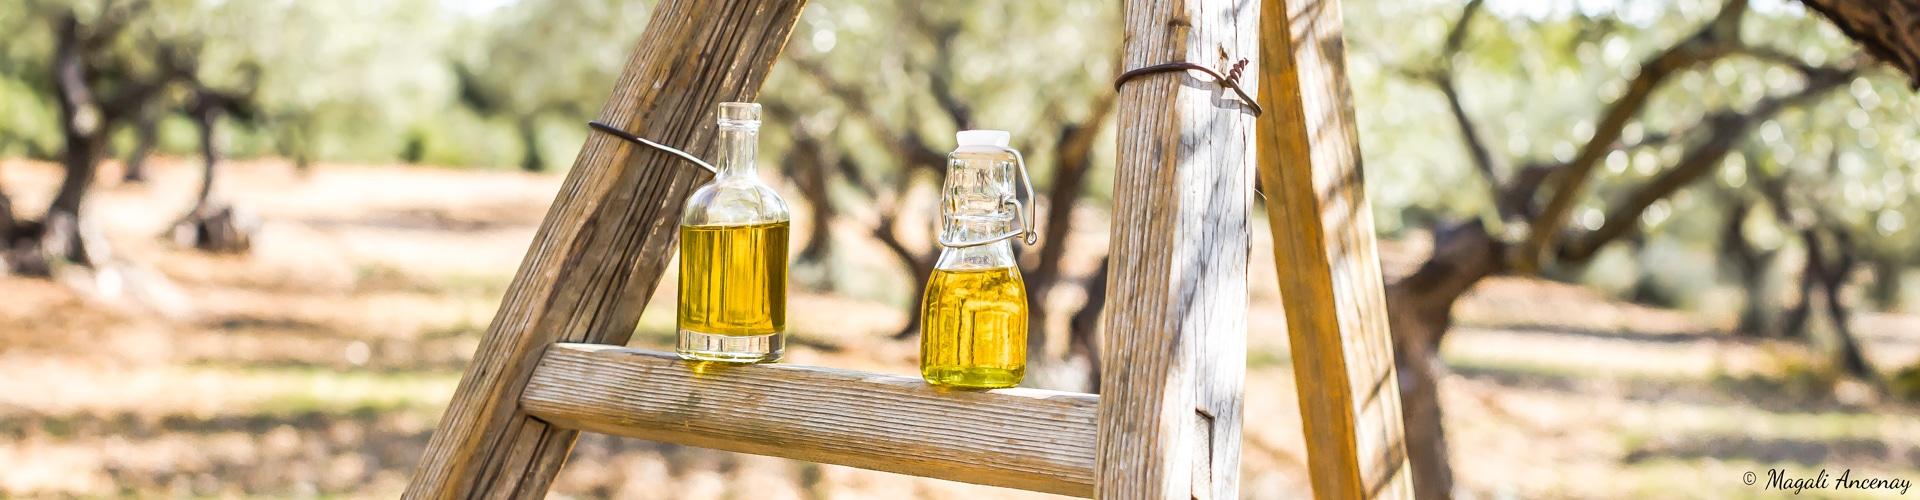 echelle-cueillette-recolte-huile-olive-france-origine-label-qualite-aop